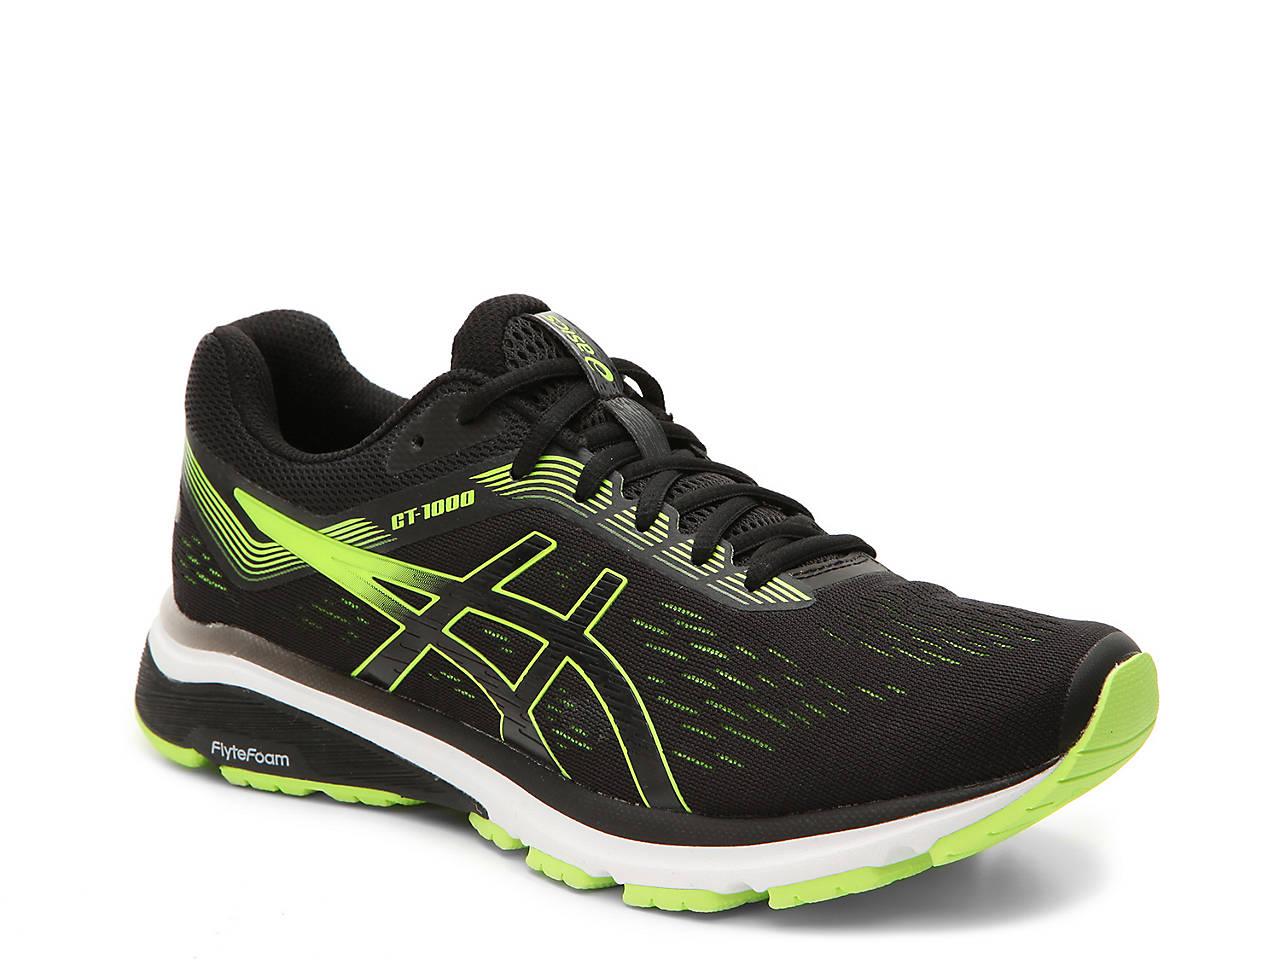 0589371b823 ASICS GT-1000 7 Performance Running Shoe - Men s Men s Shoes